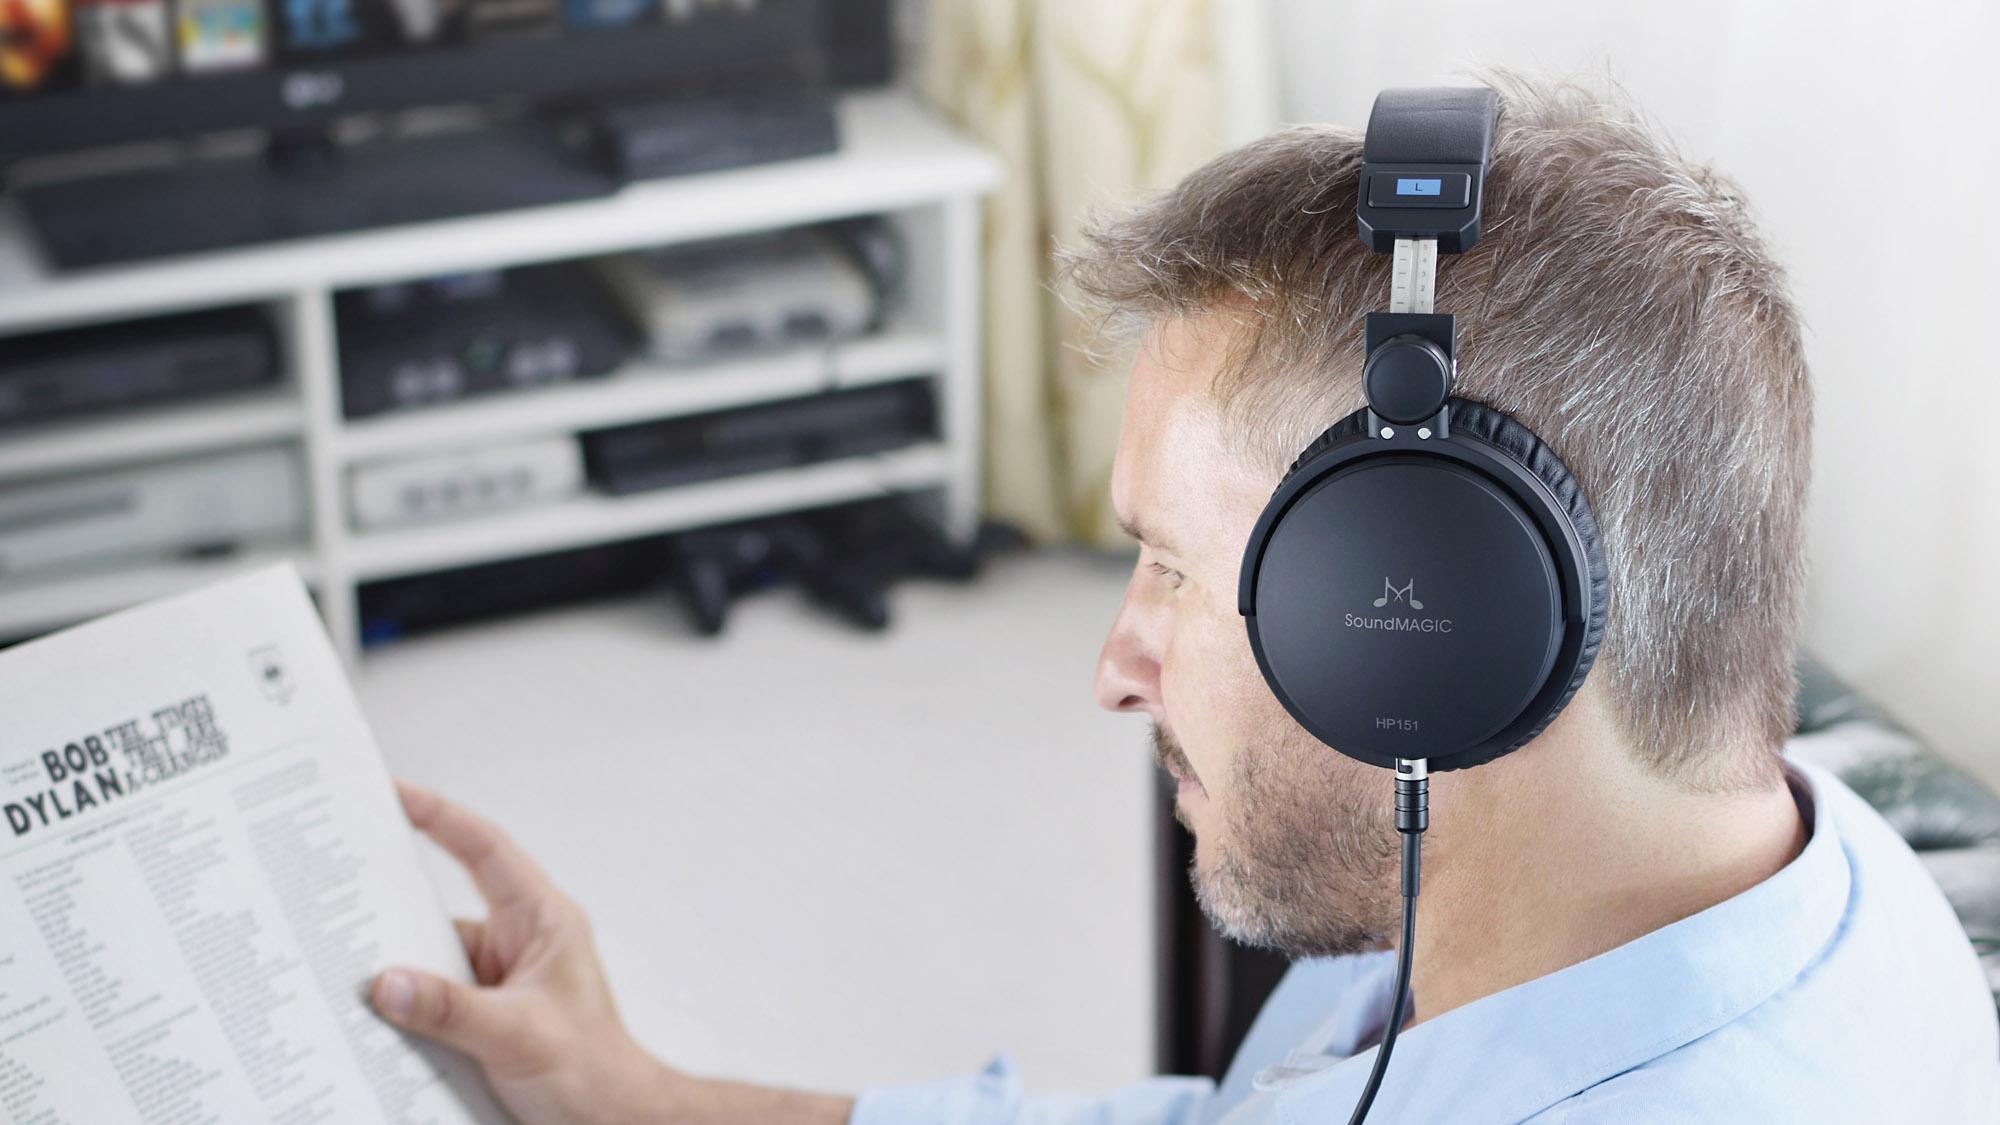 Avaliação do SoundMagic HP151: fones de ouvido fantásticos para o lar